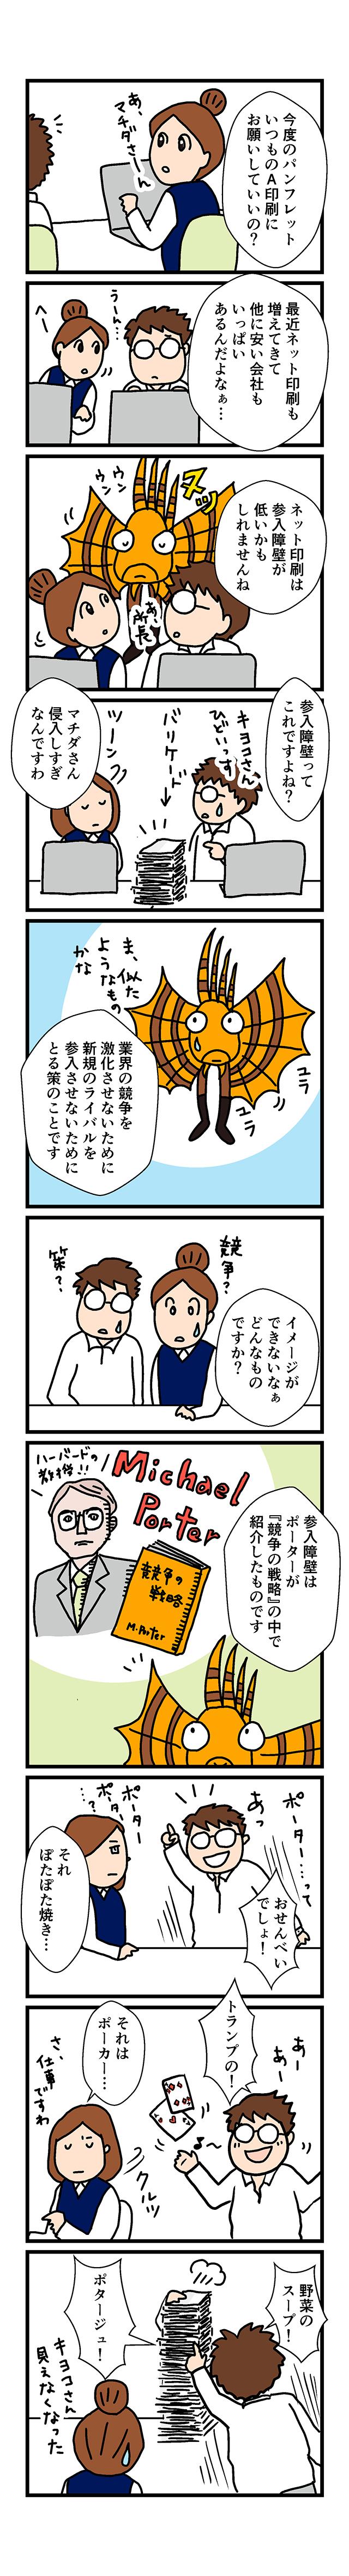 参入障壁マンガ